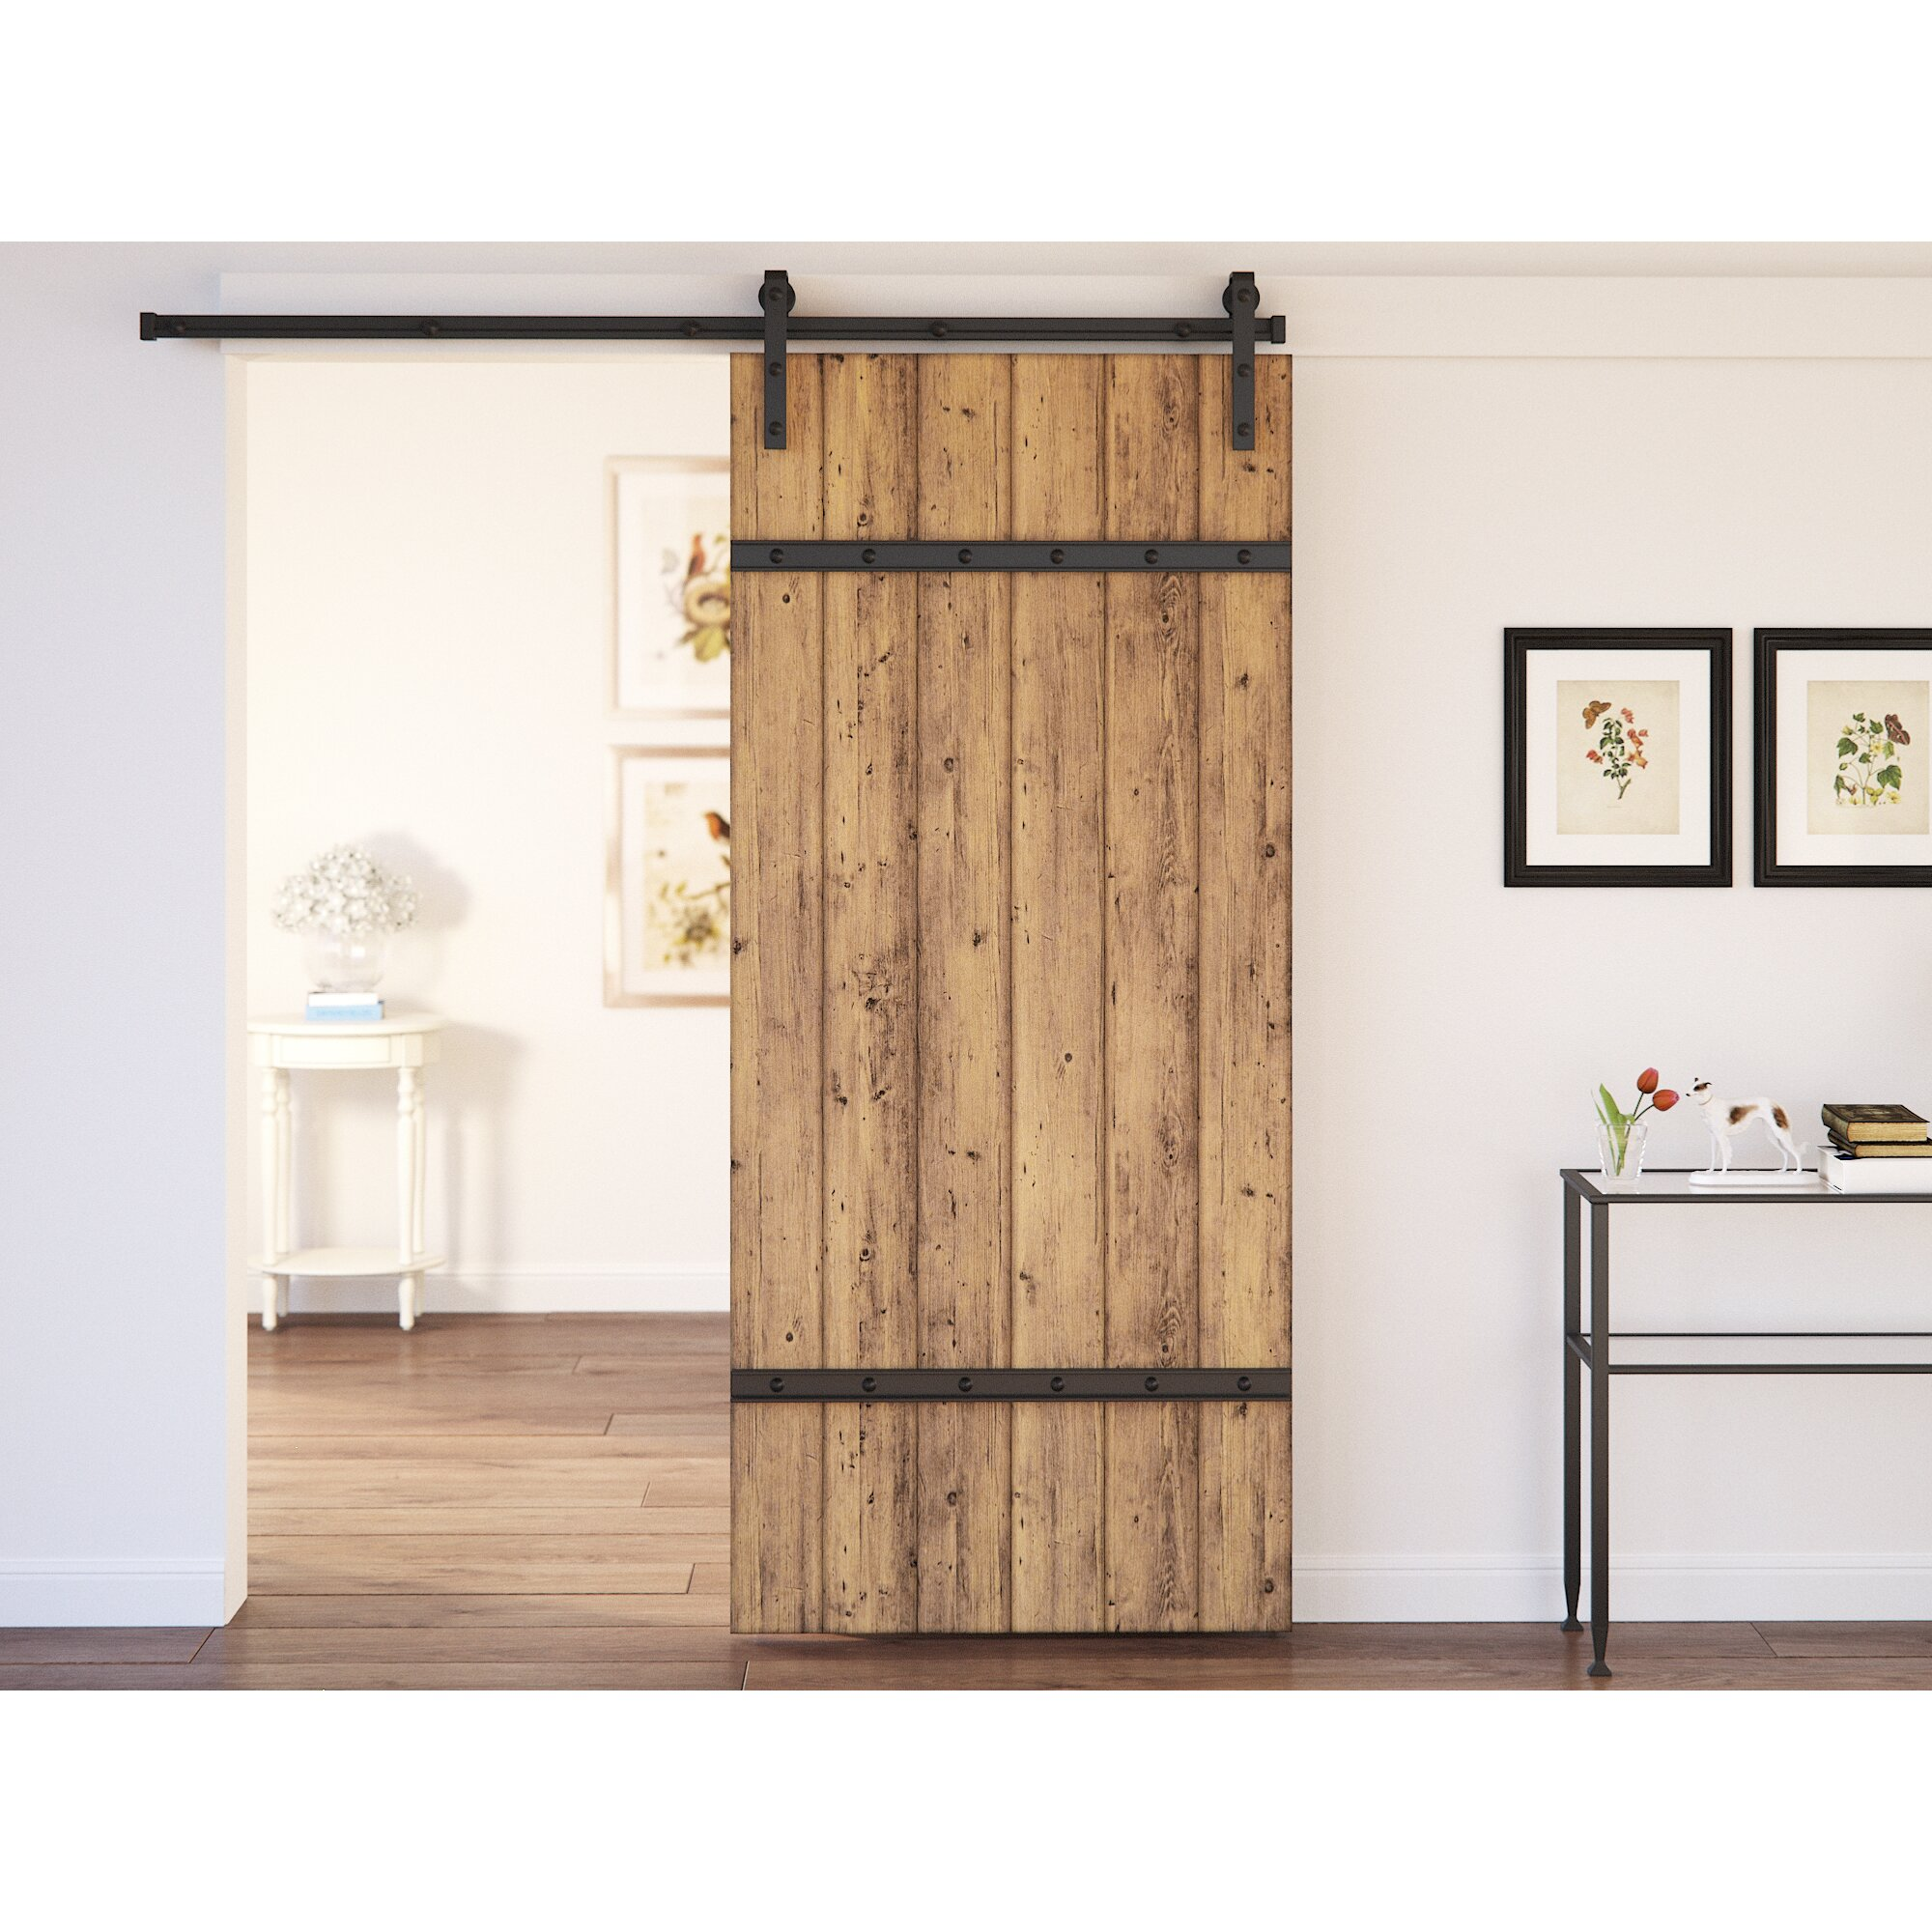 Marshfield Wood Doors : Interior door hardware canada marshfield wood doors